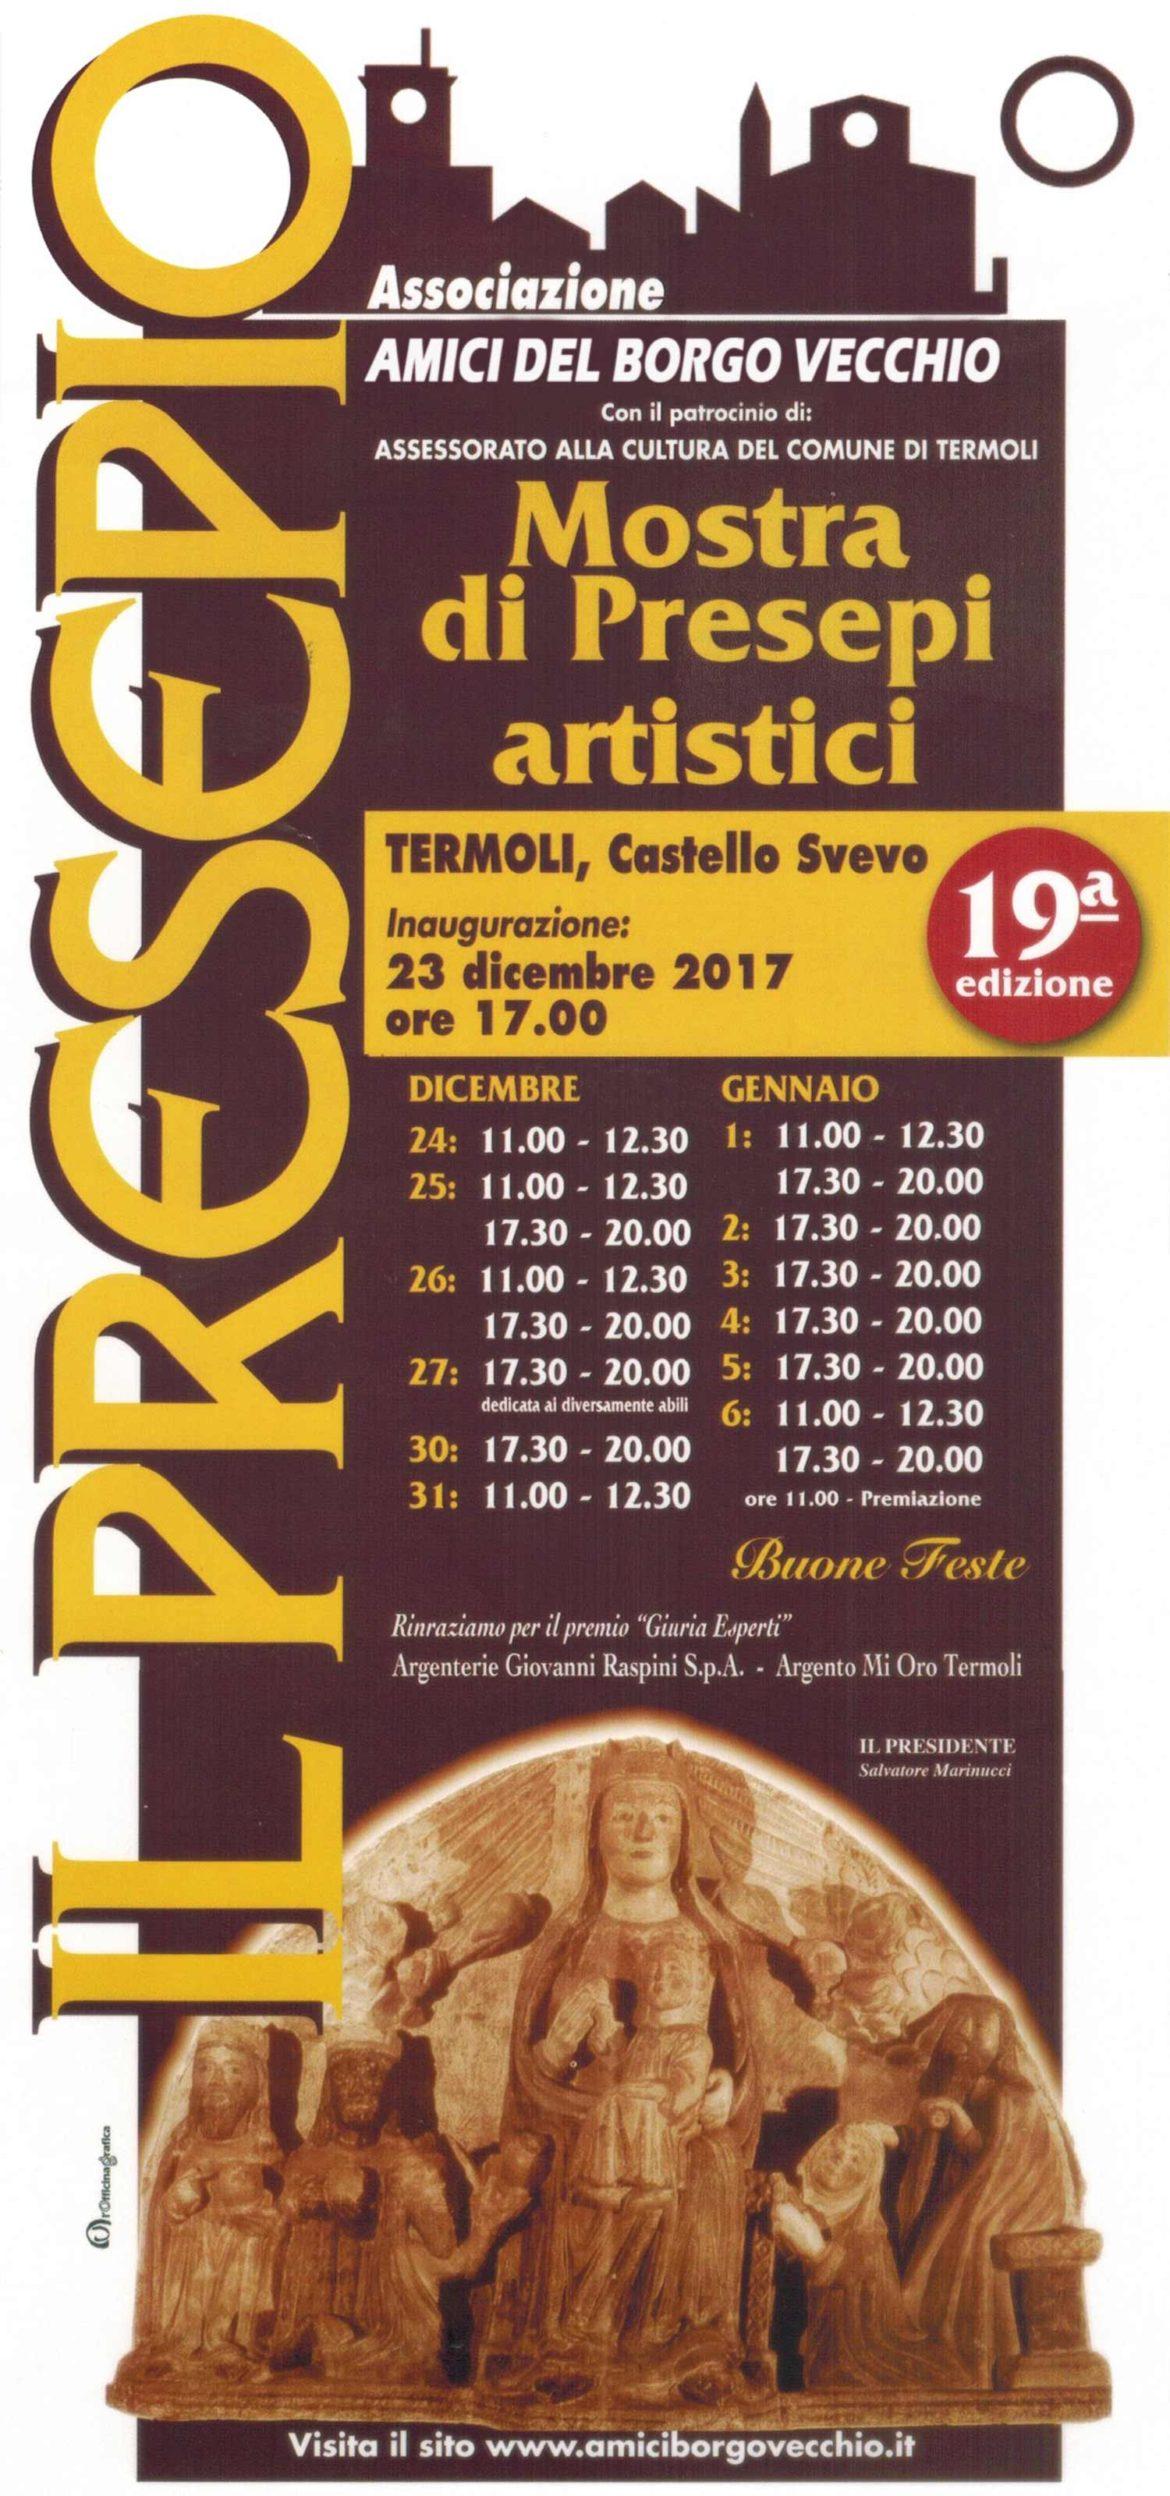 Natale in Molise: Termoli la mostra dei presepi 2017 al Castello Svevo